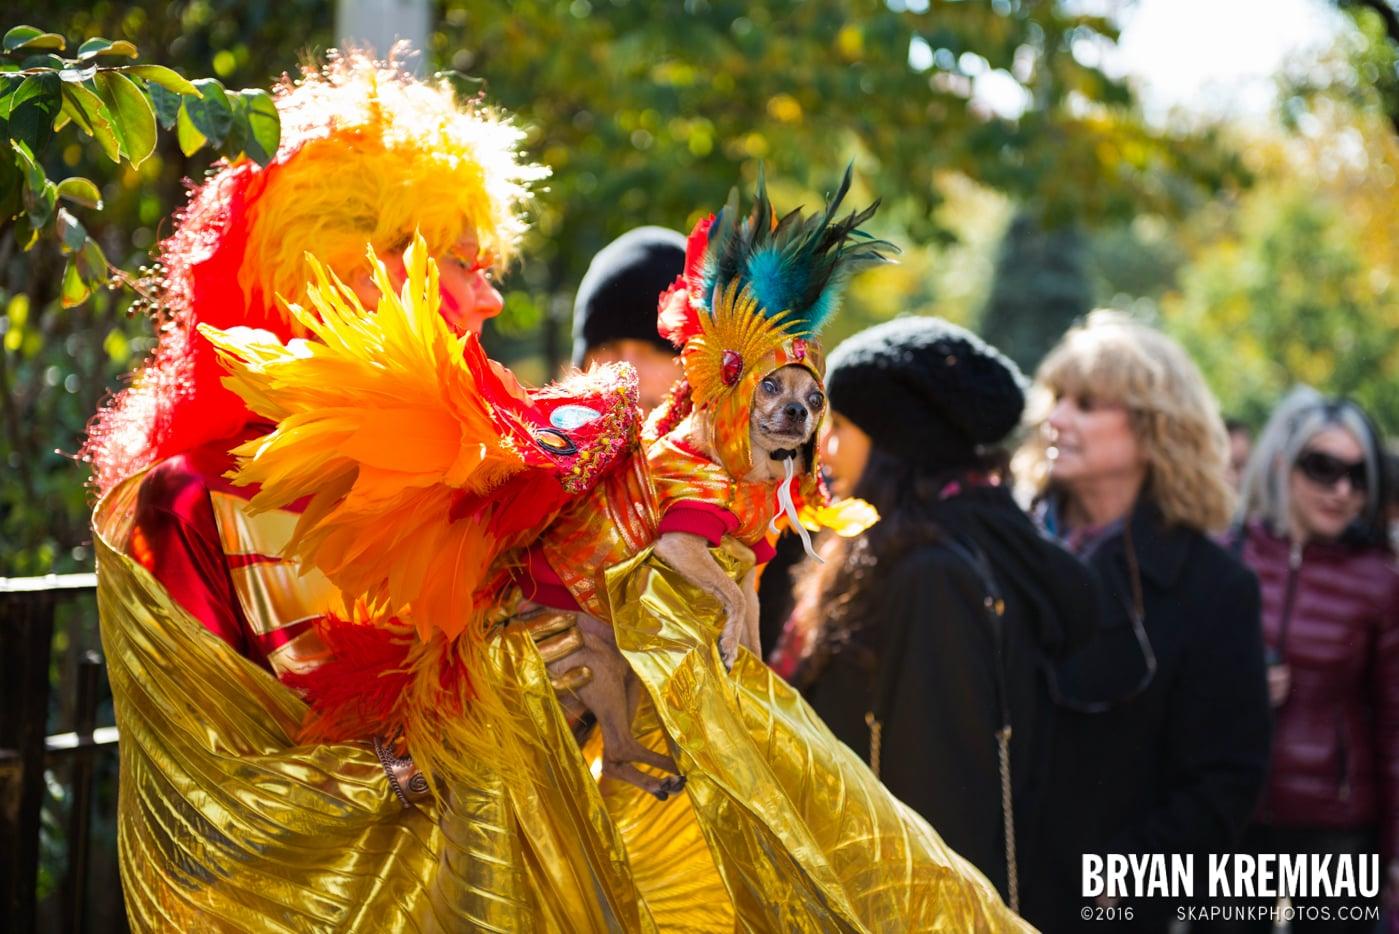 Tompkins Square Halloween Dog Parade 2013 @ Tompkins Square Park, NYC - 10.26.13 (22)